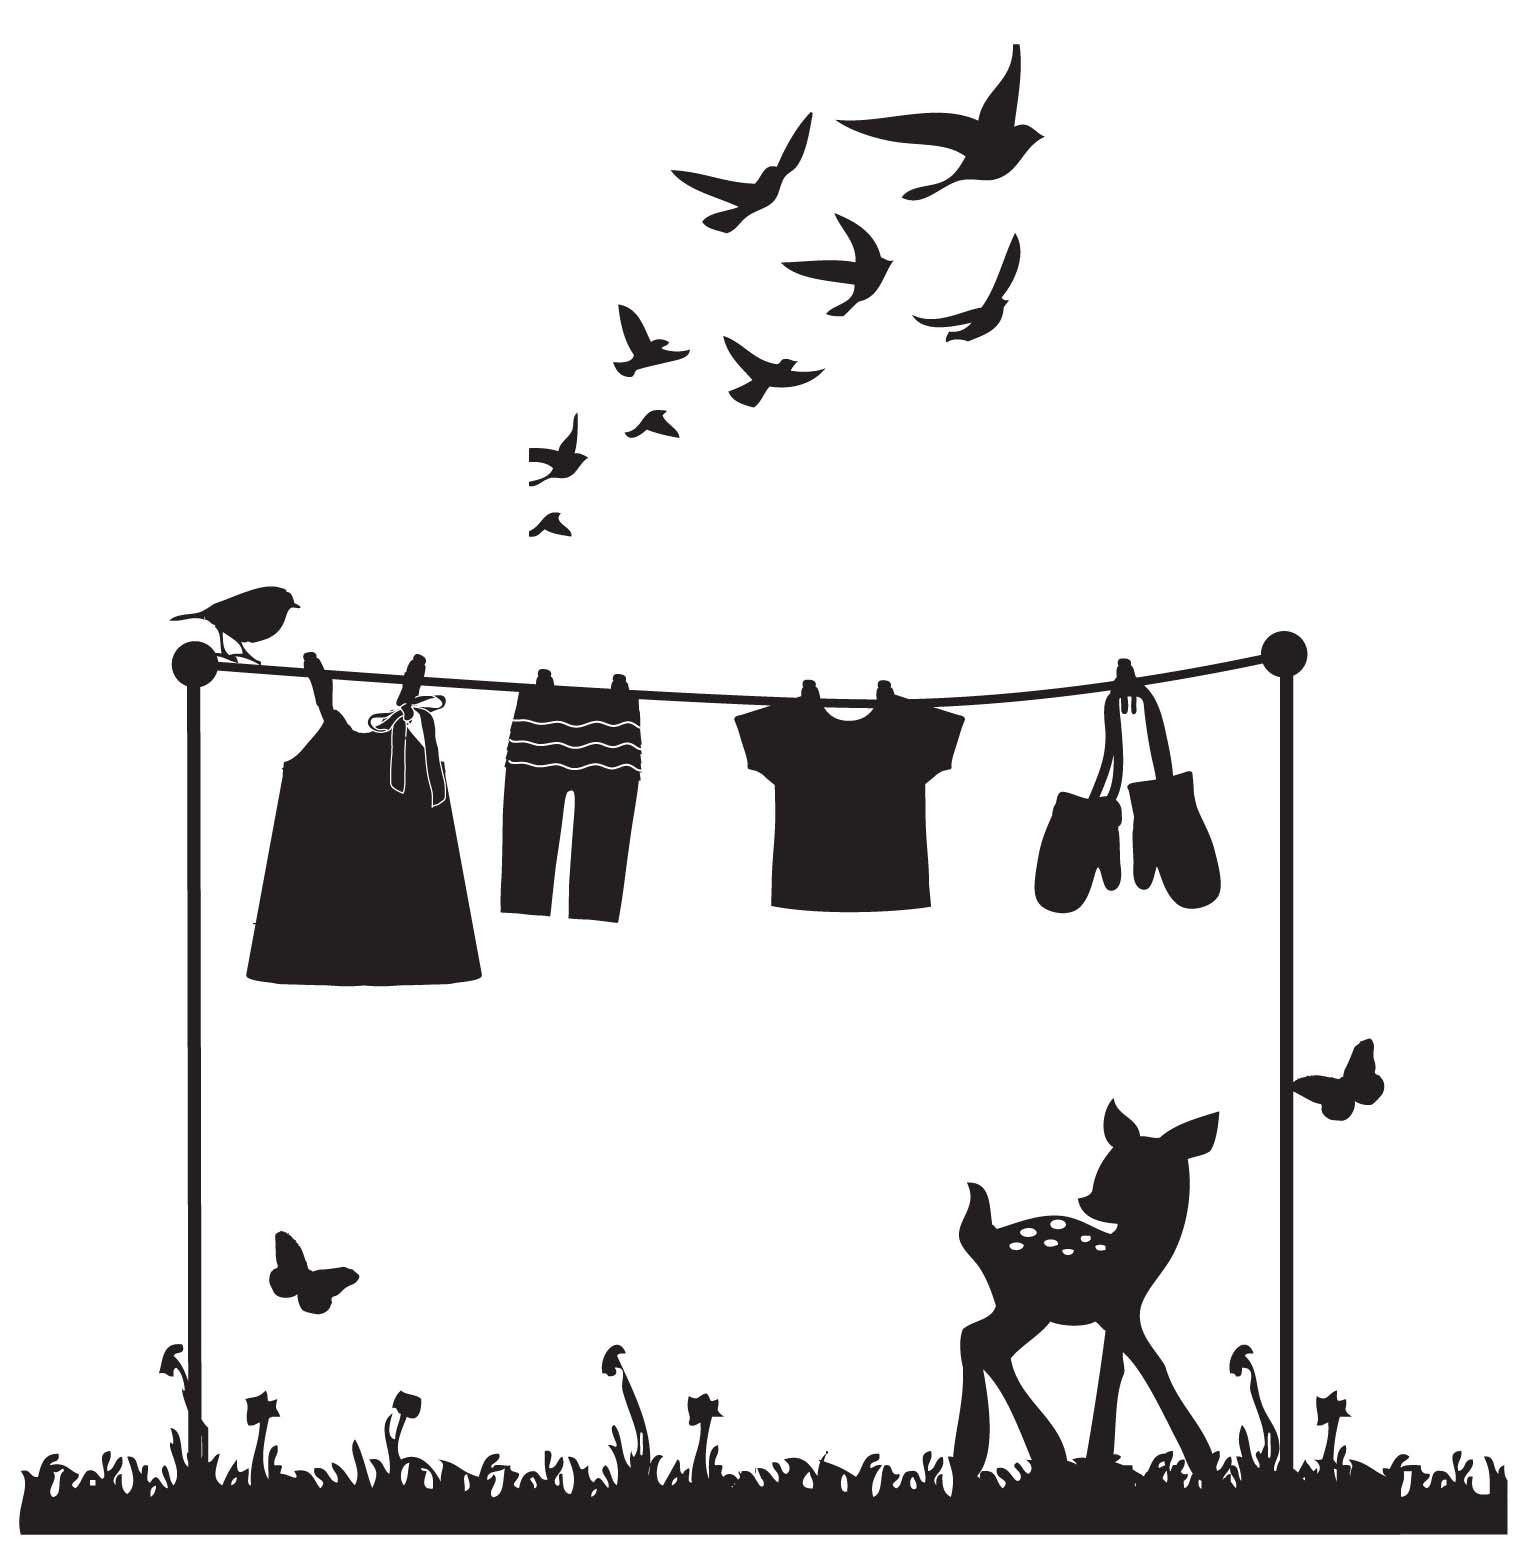 Vintage clothesline clipart graphic transparent Clothes Line Art Group with 81+ items graphic transparent